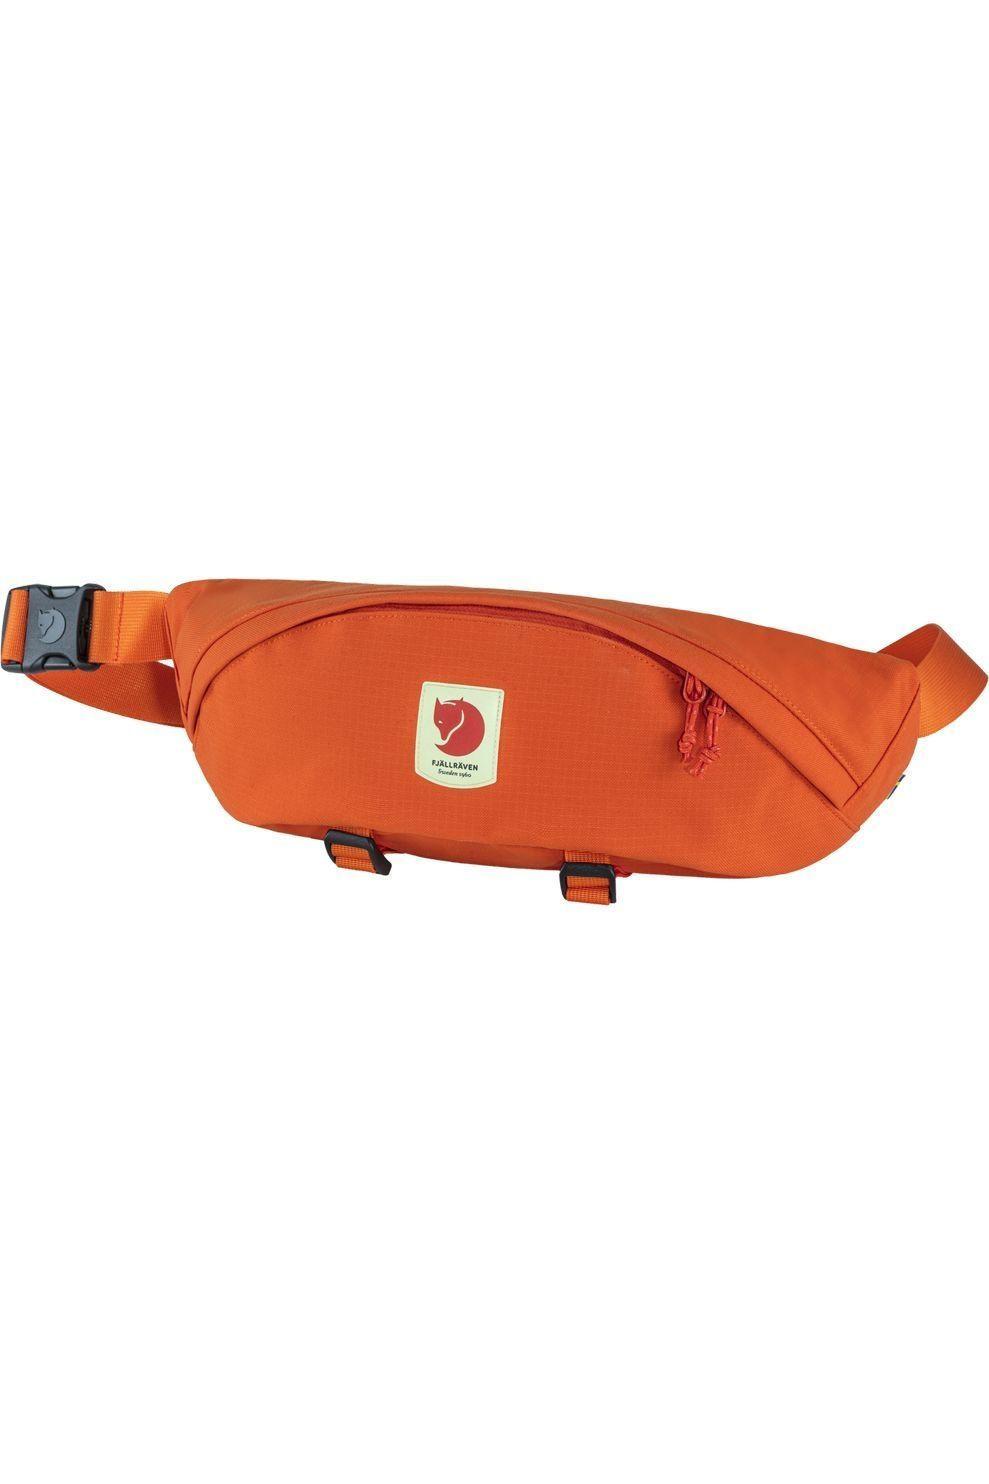 Fjällräven Heuptas Ulvö Hip Pack Large - Oranje/Logo